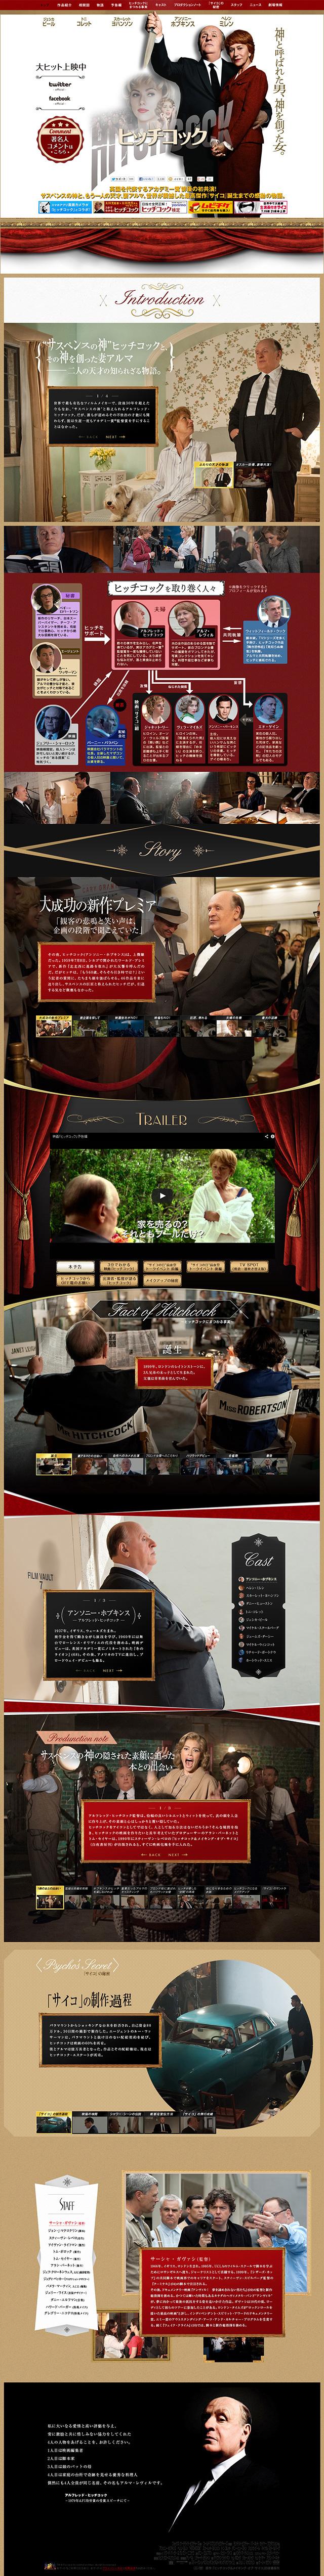 映画「ヒッチコック」公式サイト